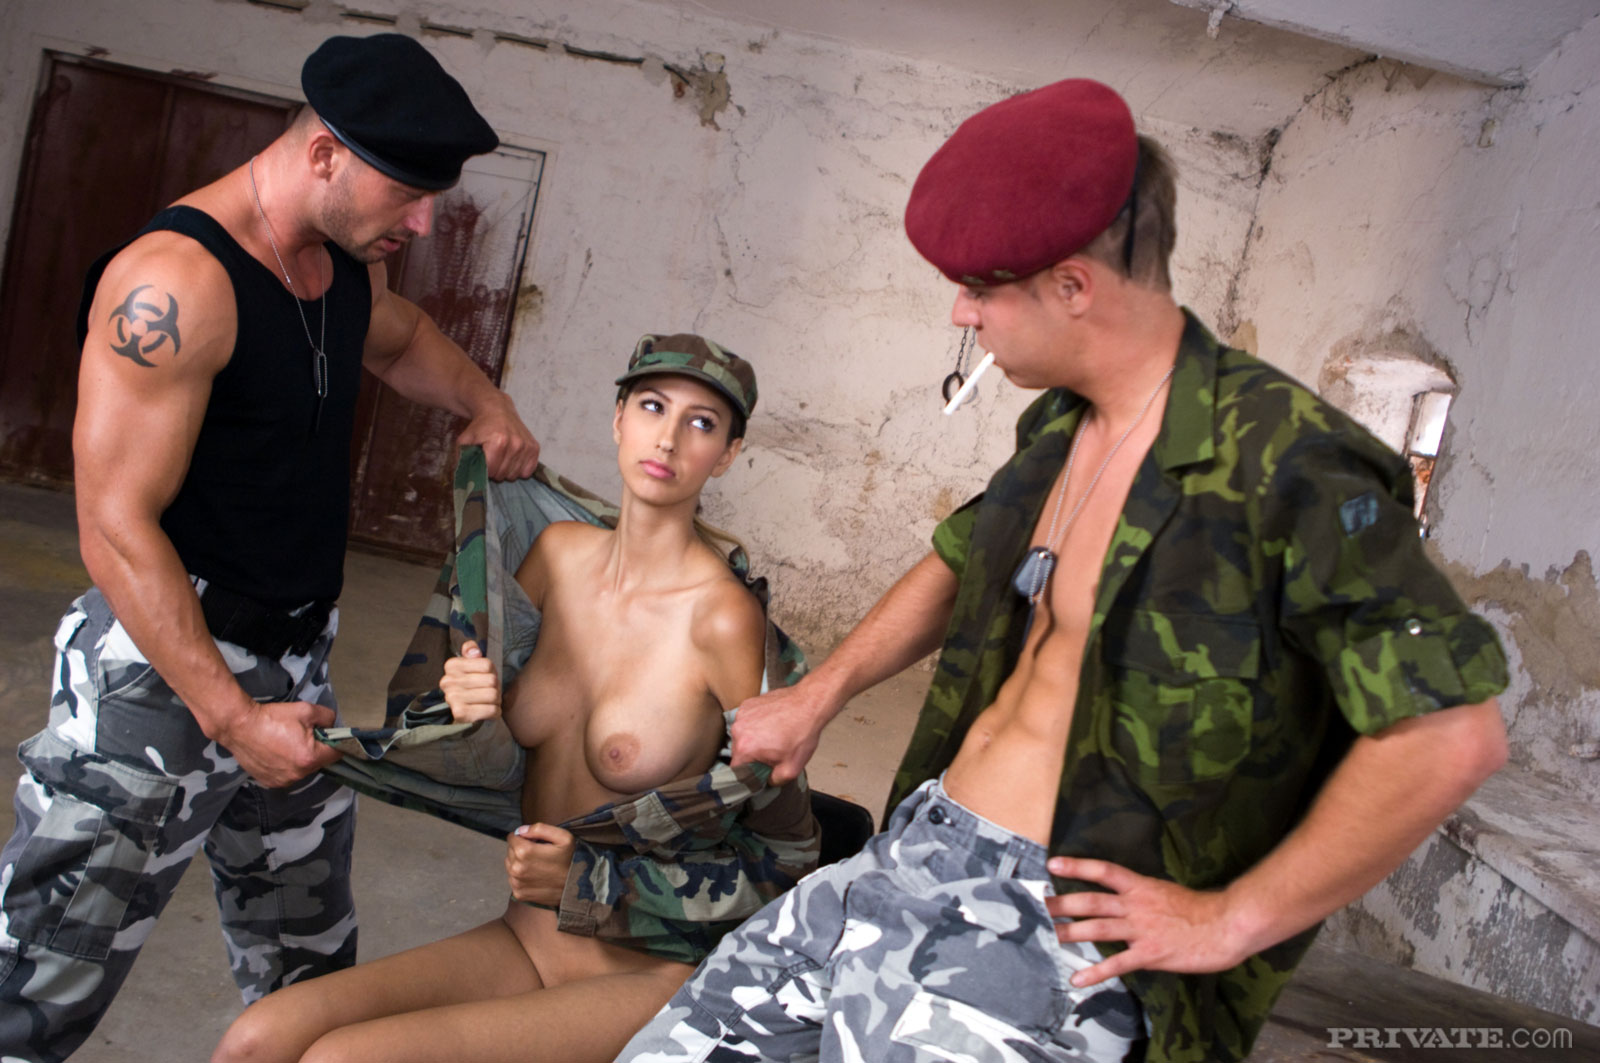 Солдаты трахают девку, Солдаты ебут девку - видео likes Fucks A. Z 5 фотография